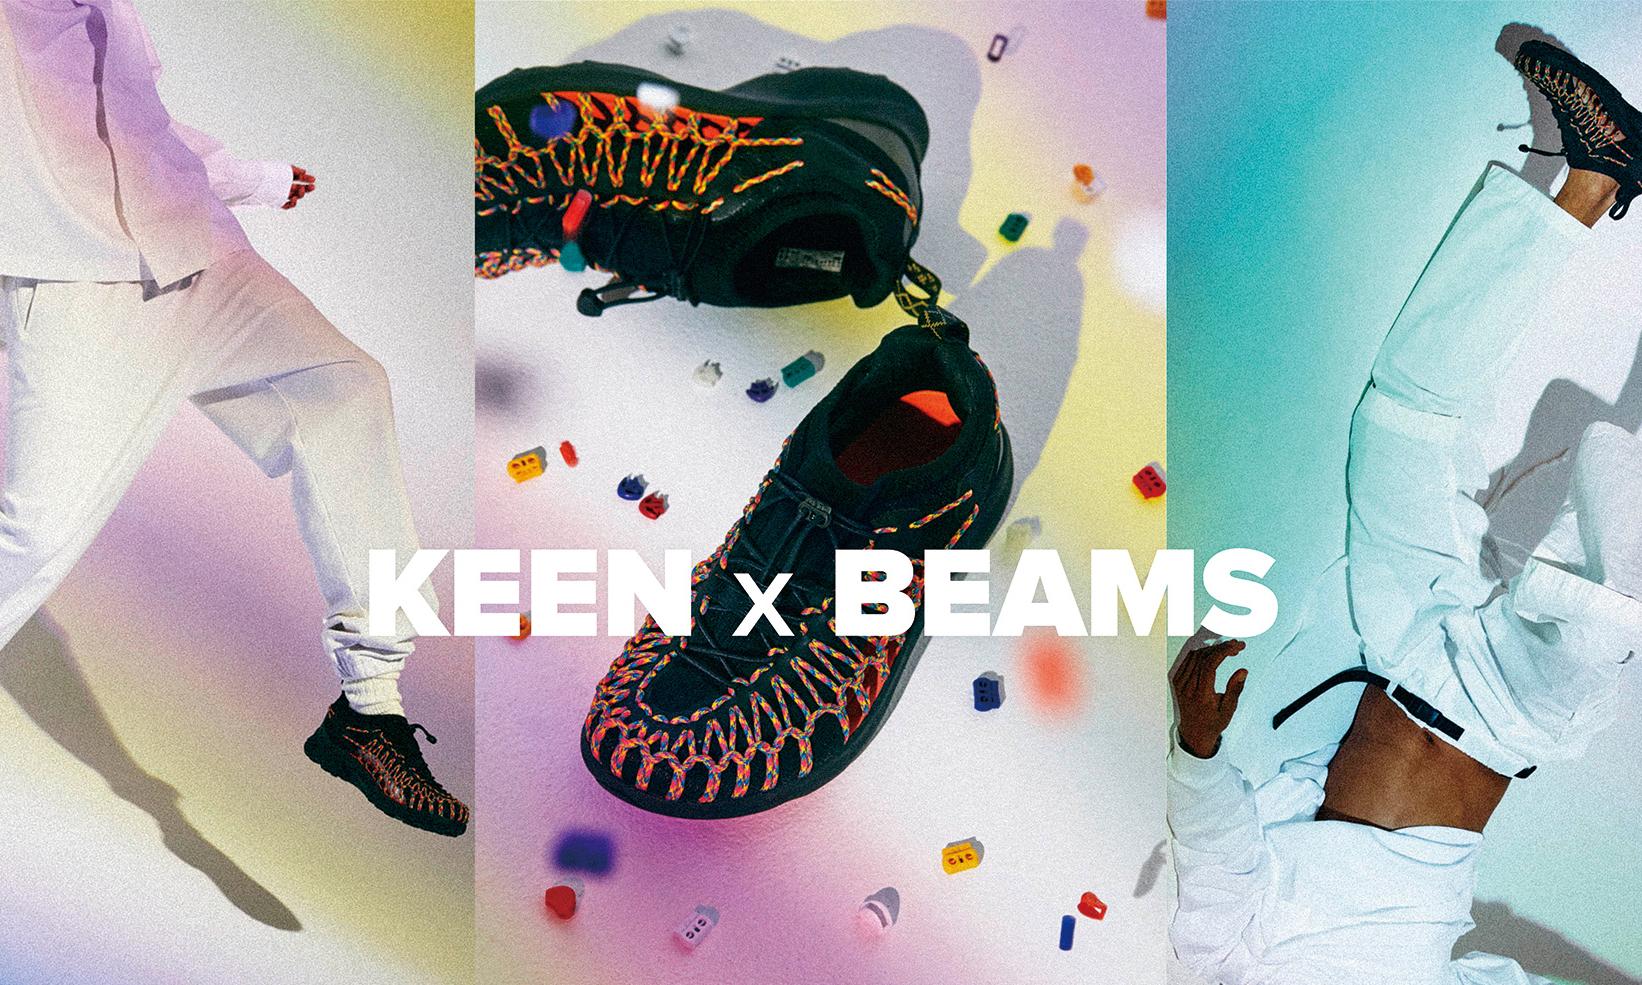 创意装饰专属 UNEEK,BEAMS x KEEN 联名系列登场